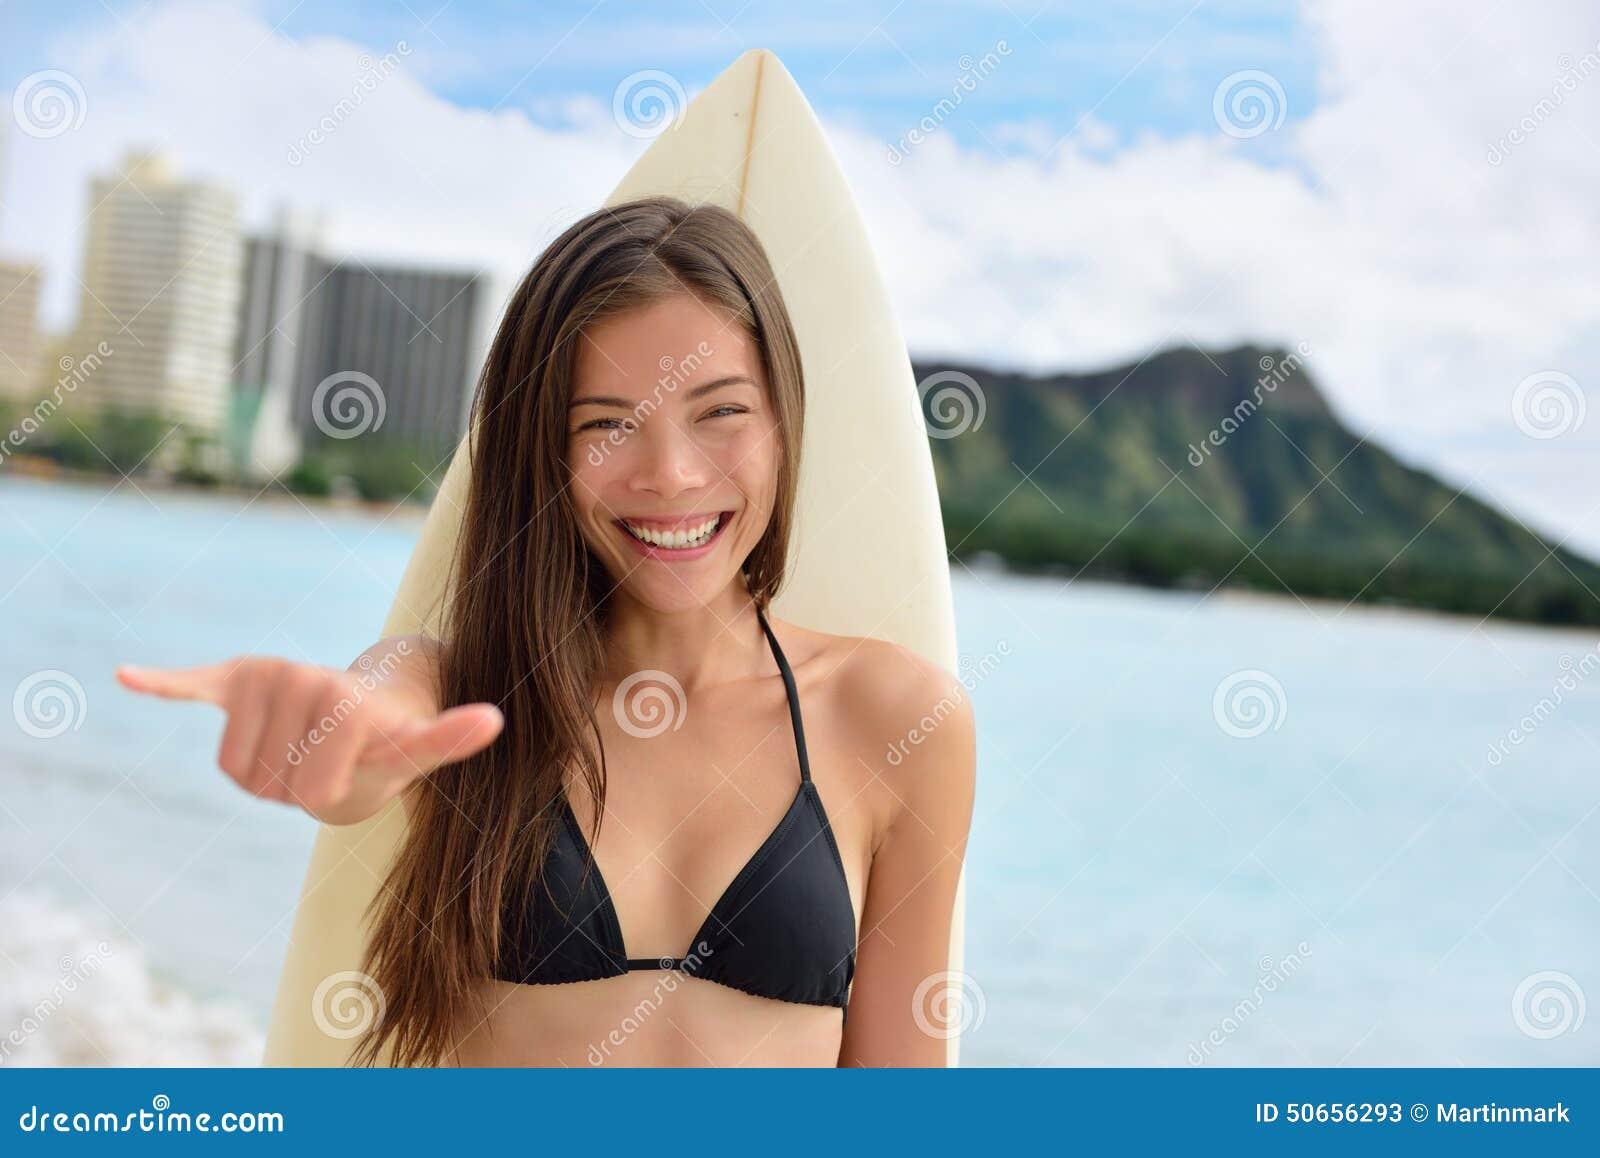 Female escorts oahu hawaii